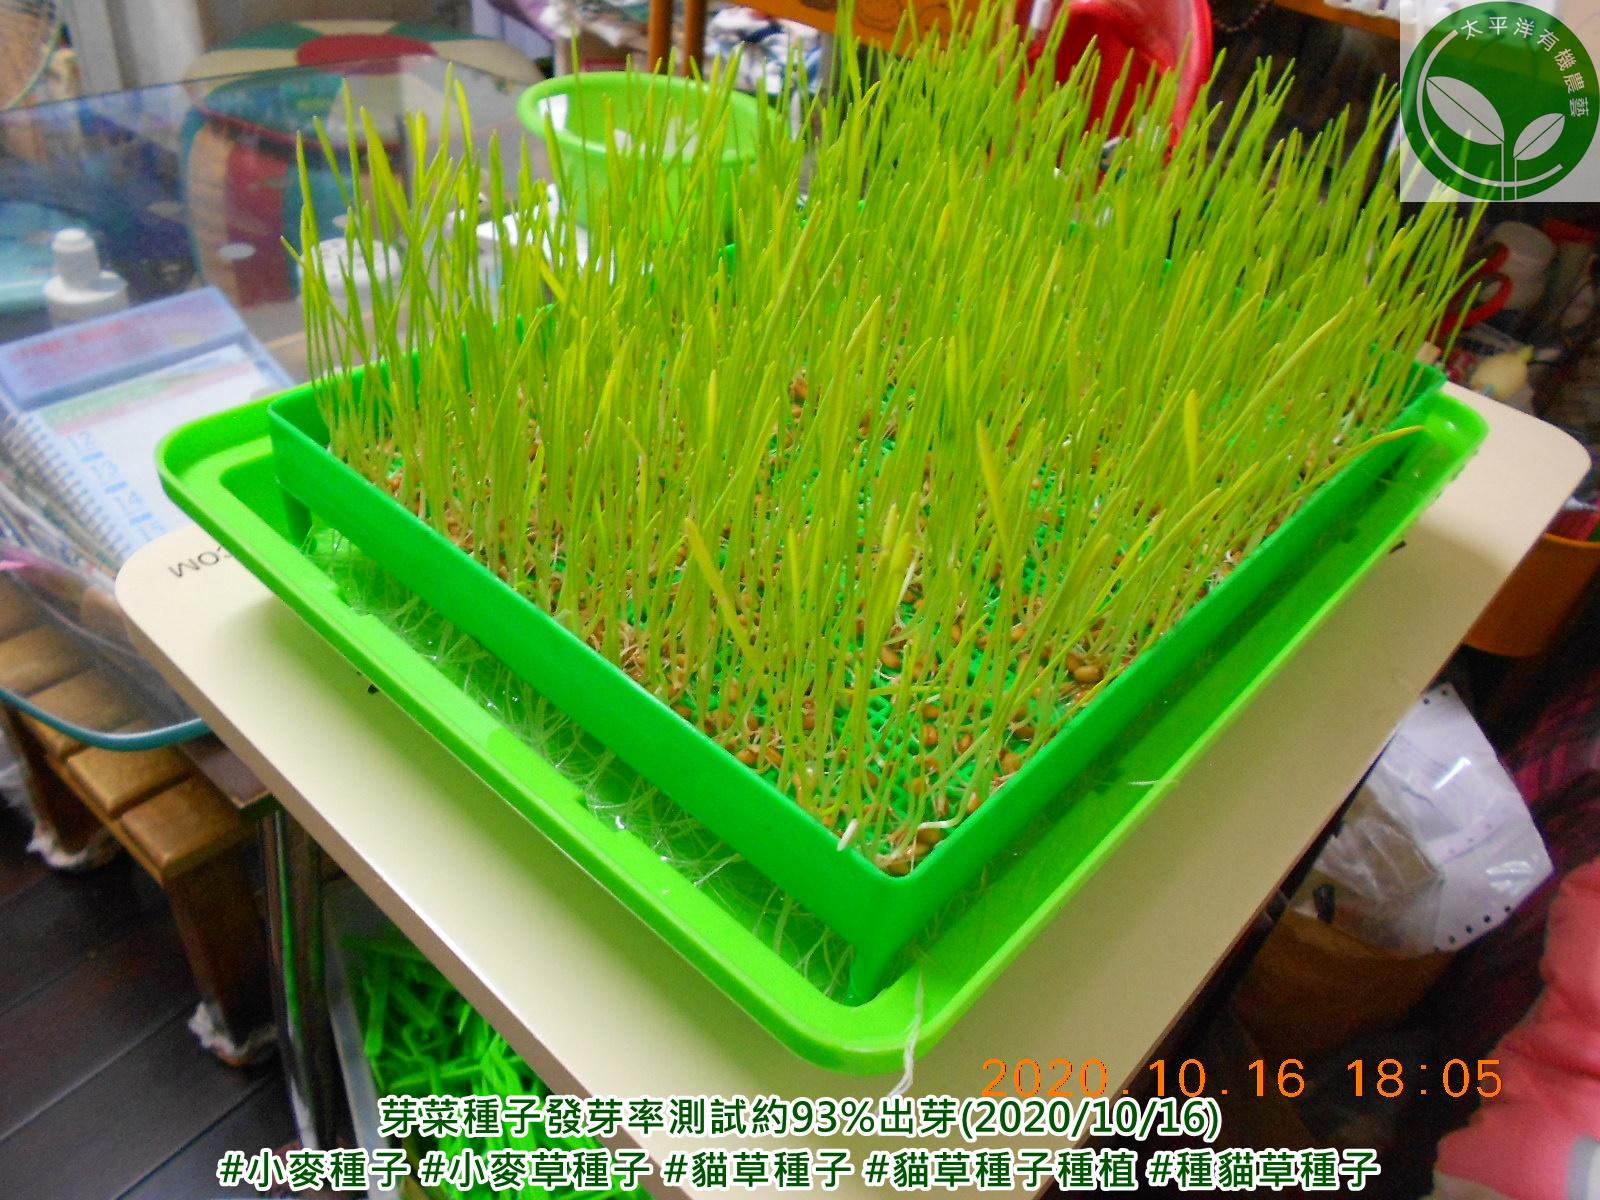 小麥,貓草,種貓草,如何種貓草,貓草水耕,小麥草蝦皮,貓草包diy,貓草怎麼種,自己種貓草,貓草種植